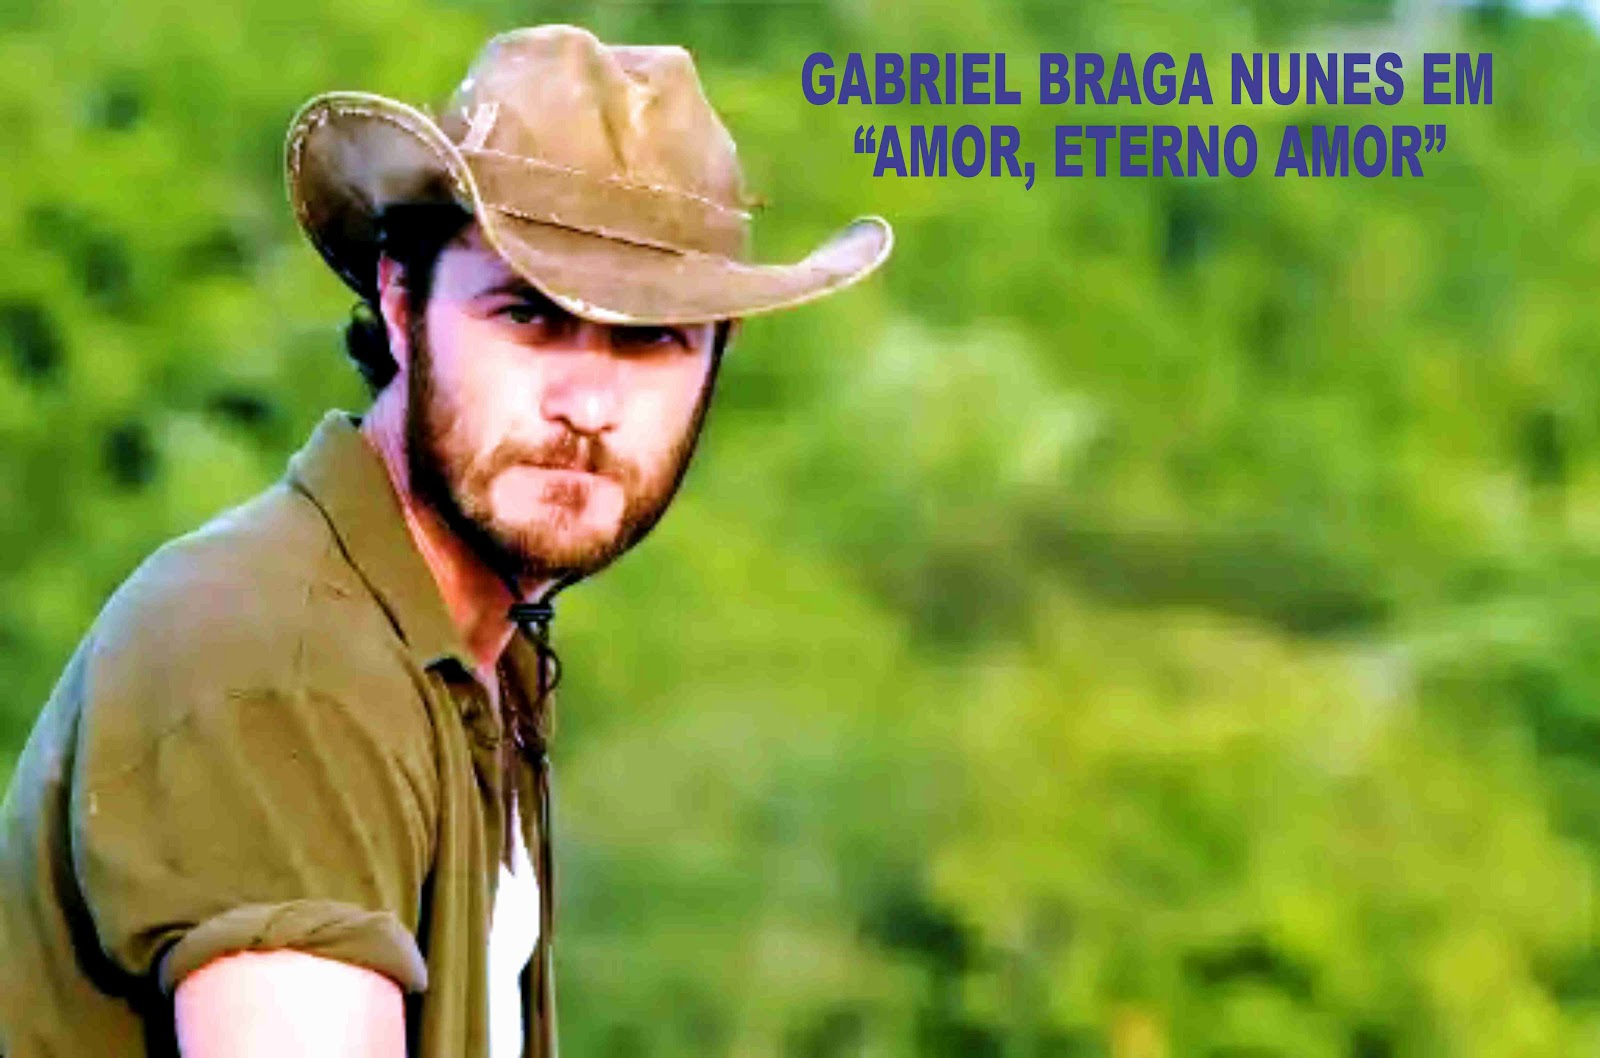 http://2.bp.blogspot.com/--dWJVpuQUzI/T1Q_ZDp6x6I/AAAAAAAAIu8/4oSe56LkYgQ/s1600/Gabriel+Braga+Nunes+2.PNG